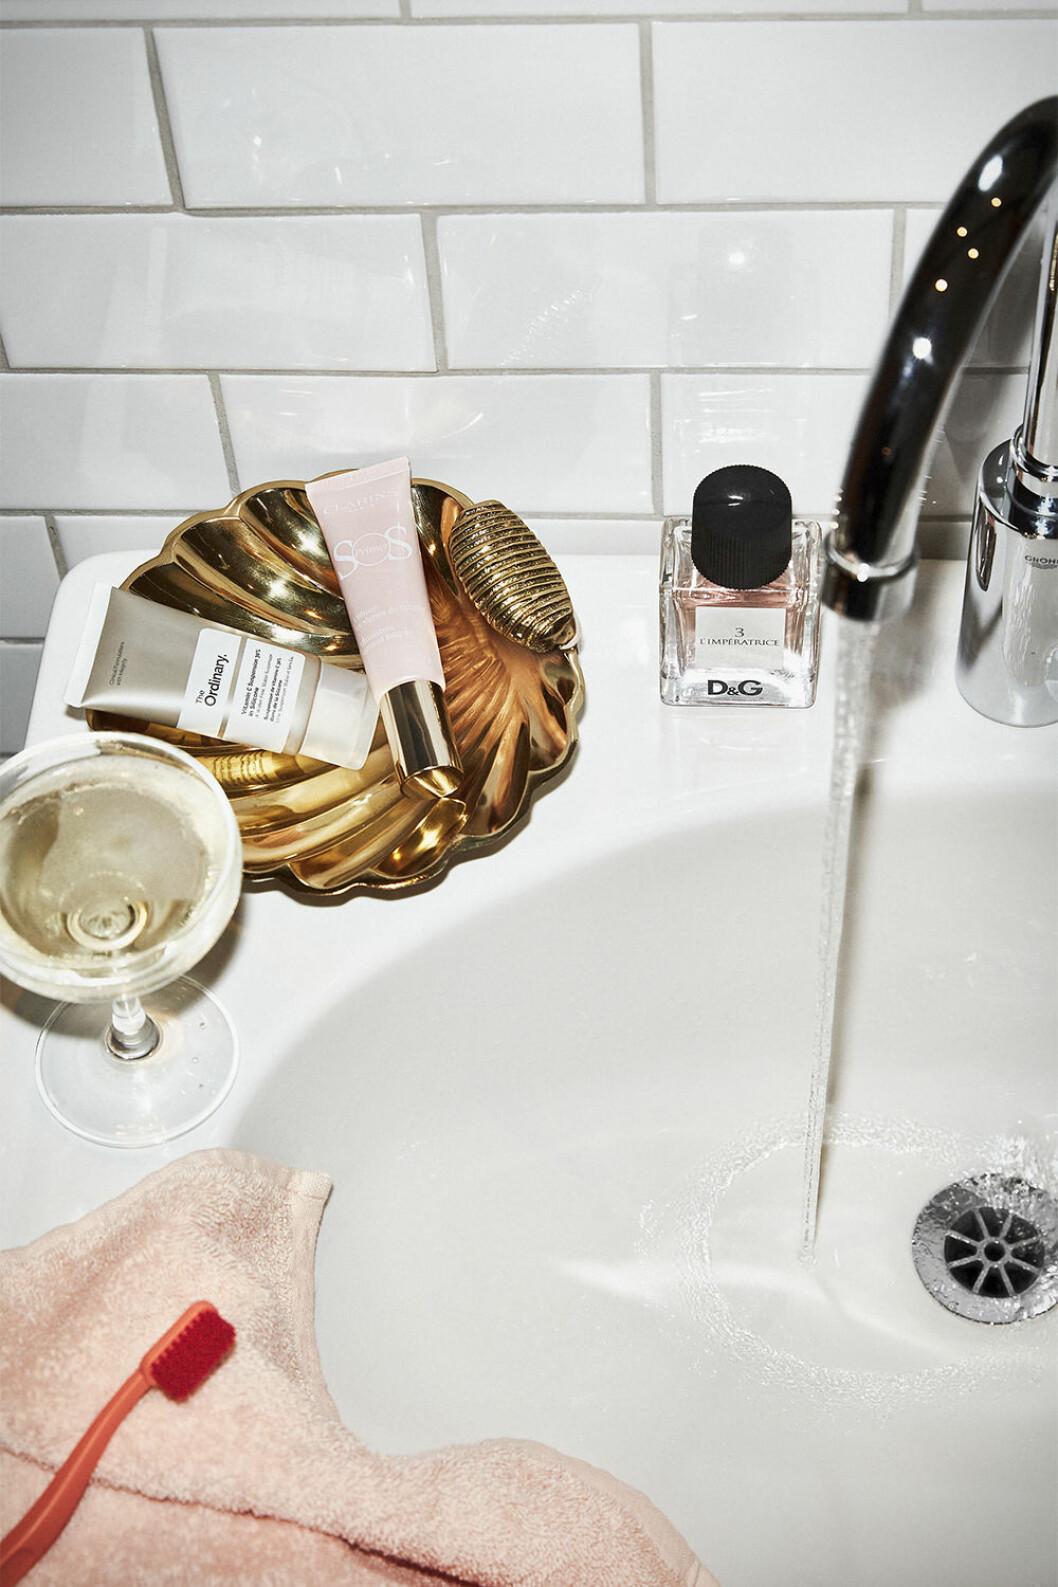 detaljer i guld ger lyxkänsla i badrummet